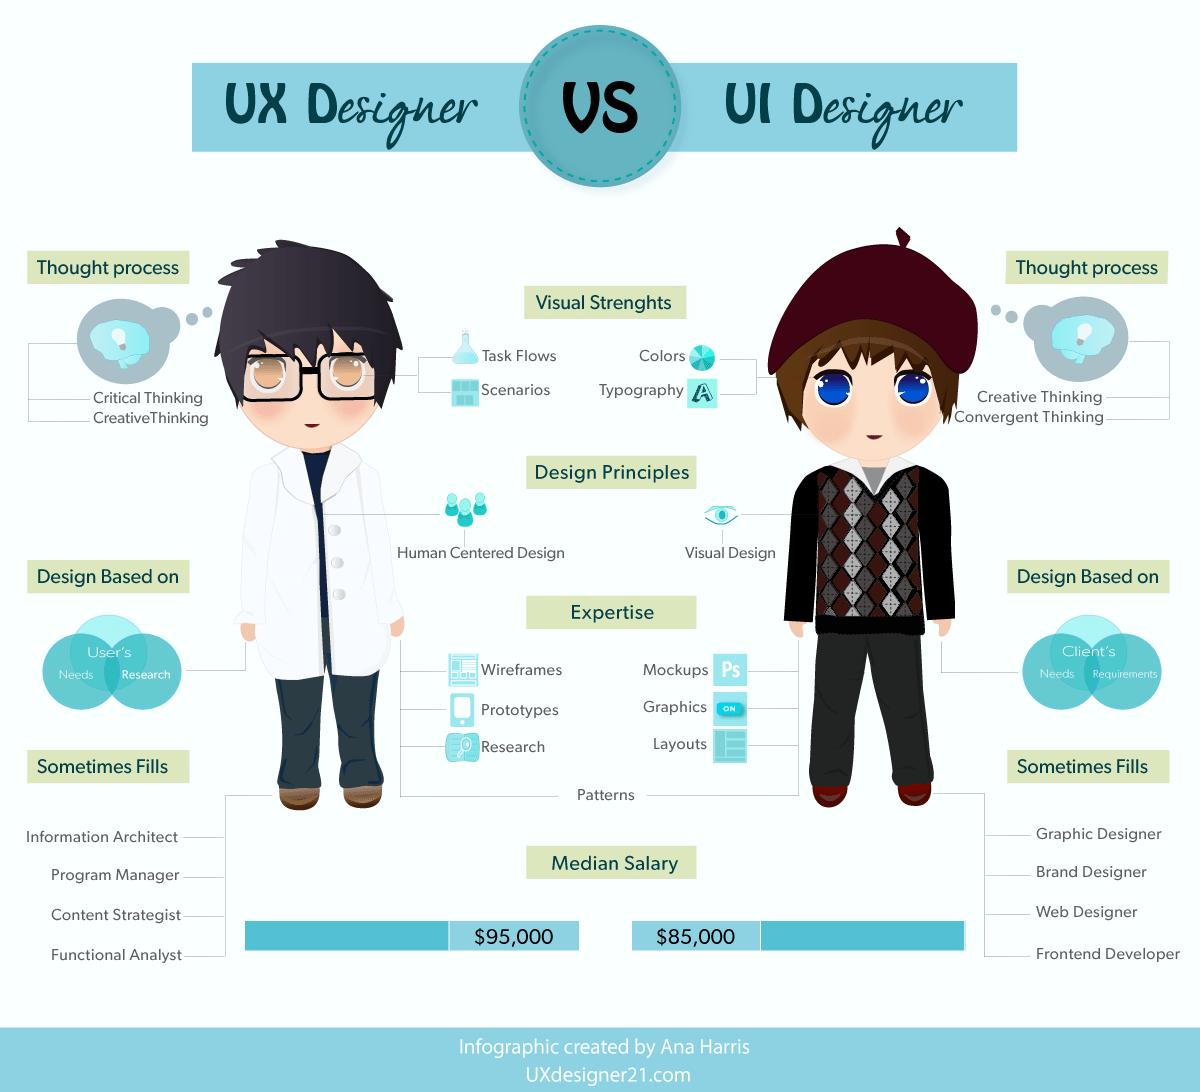 UX Designer vs UI Designer Infographic